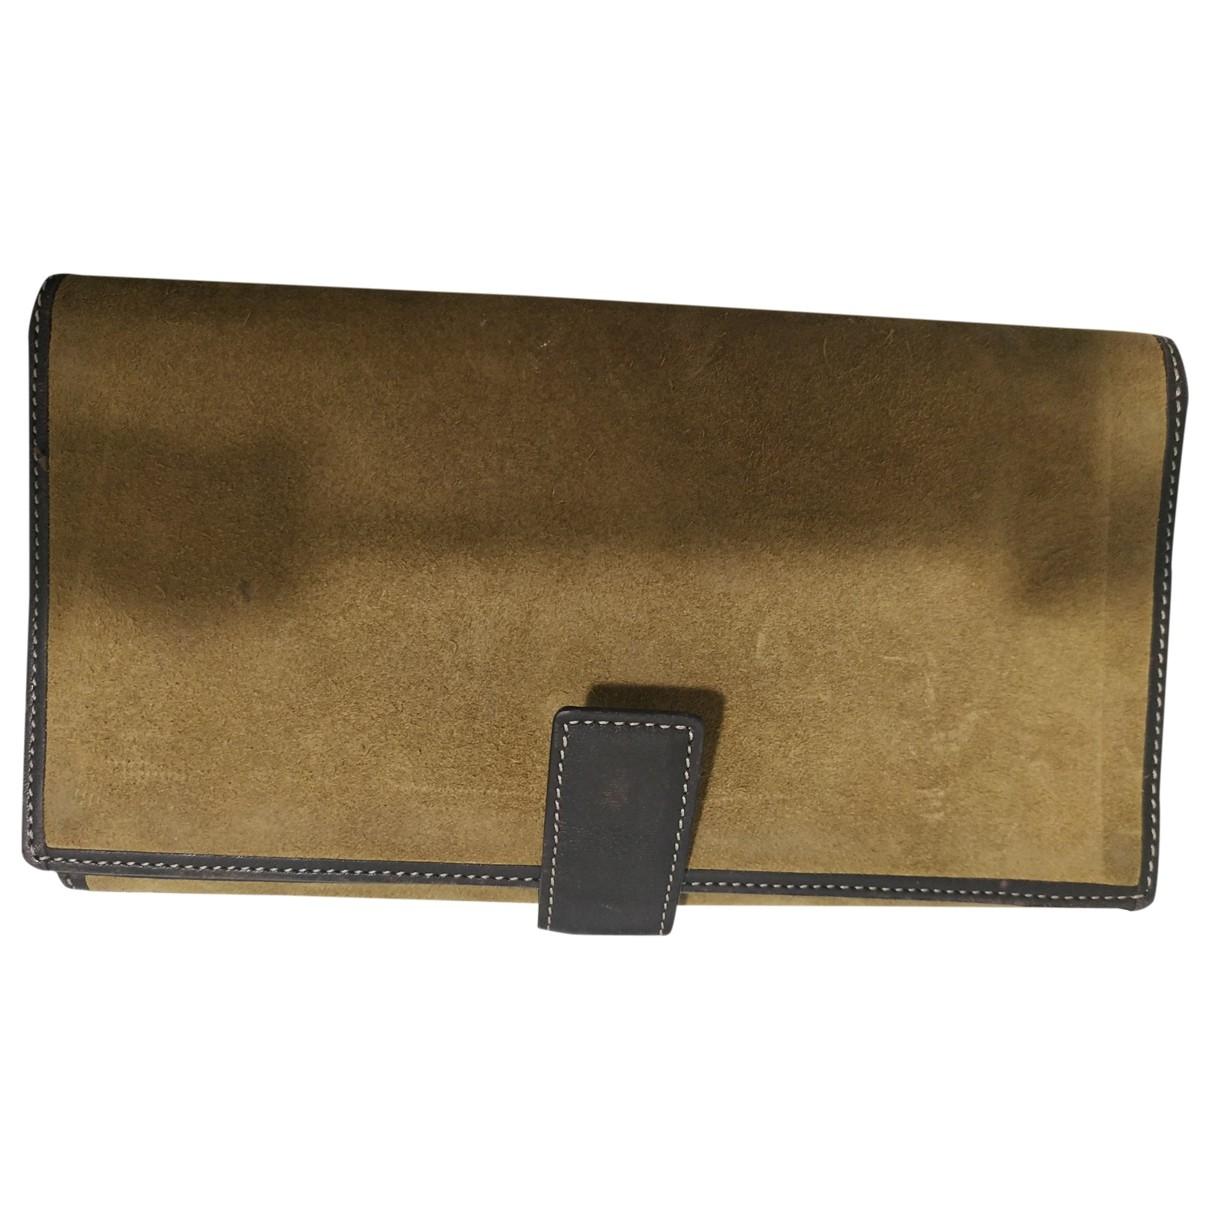 Loewe \N Beige Suede wallet for Women \N